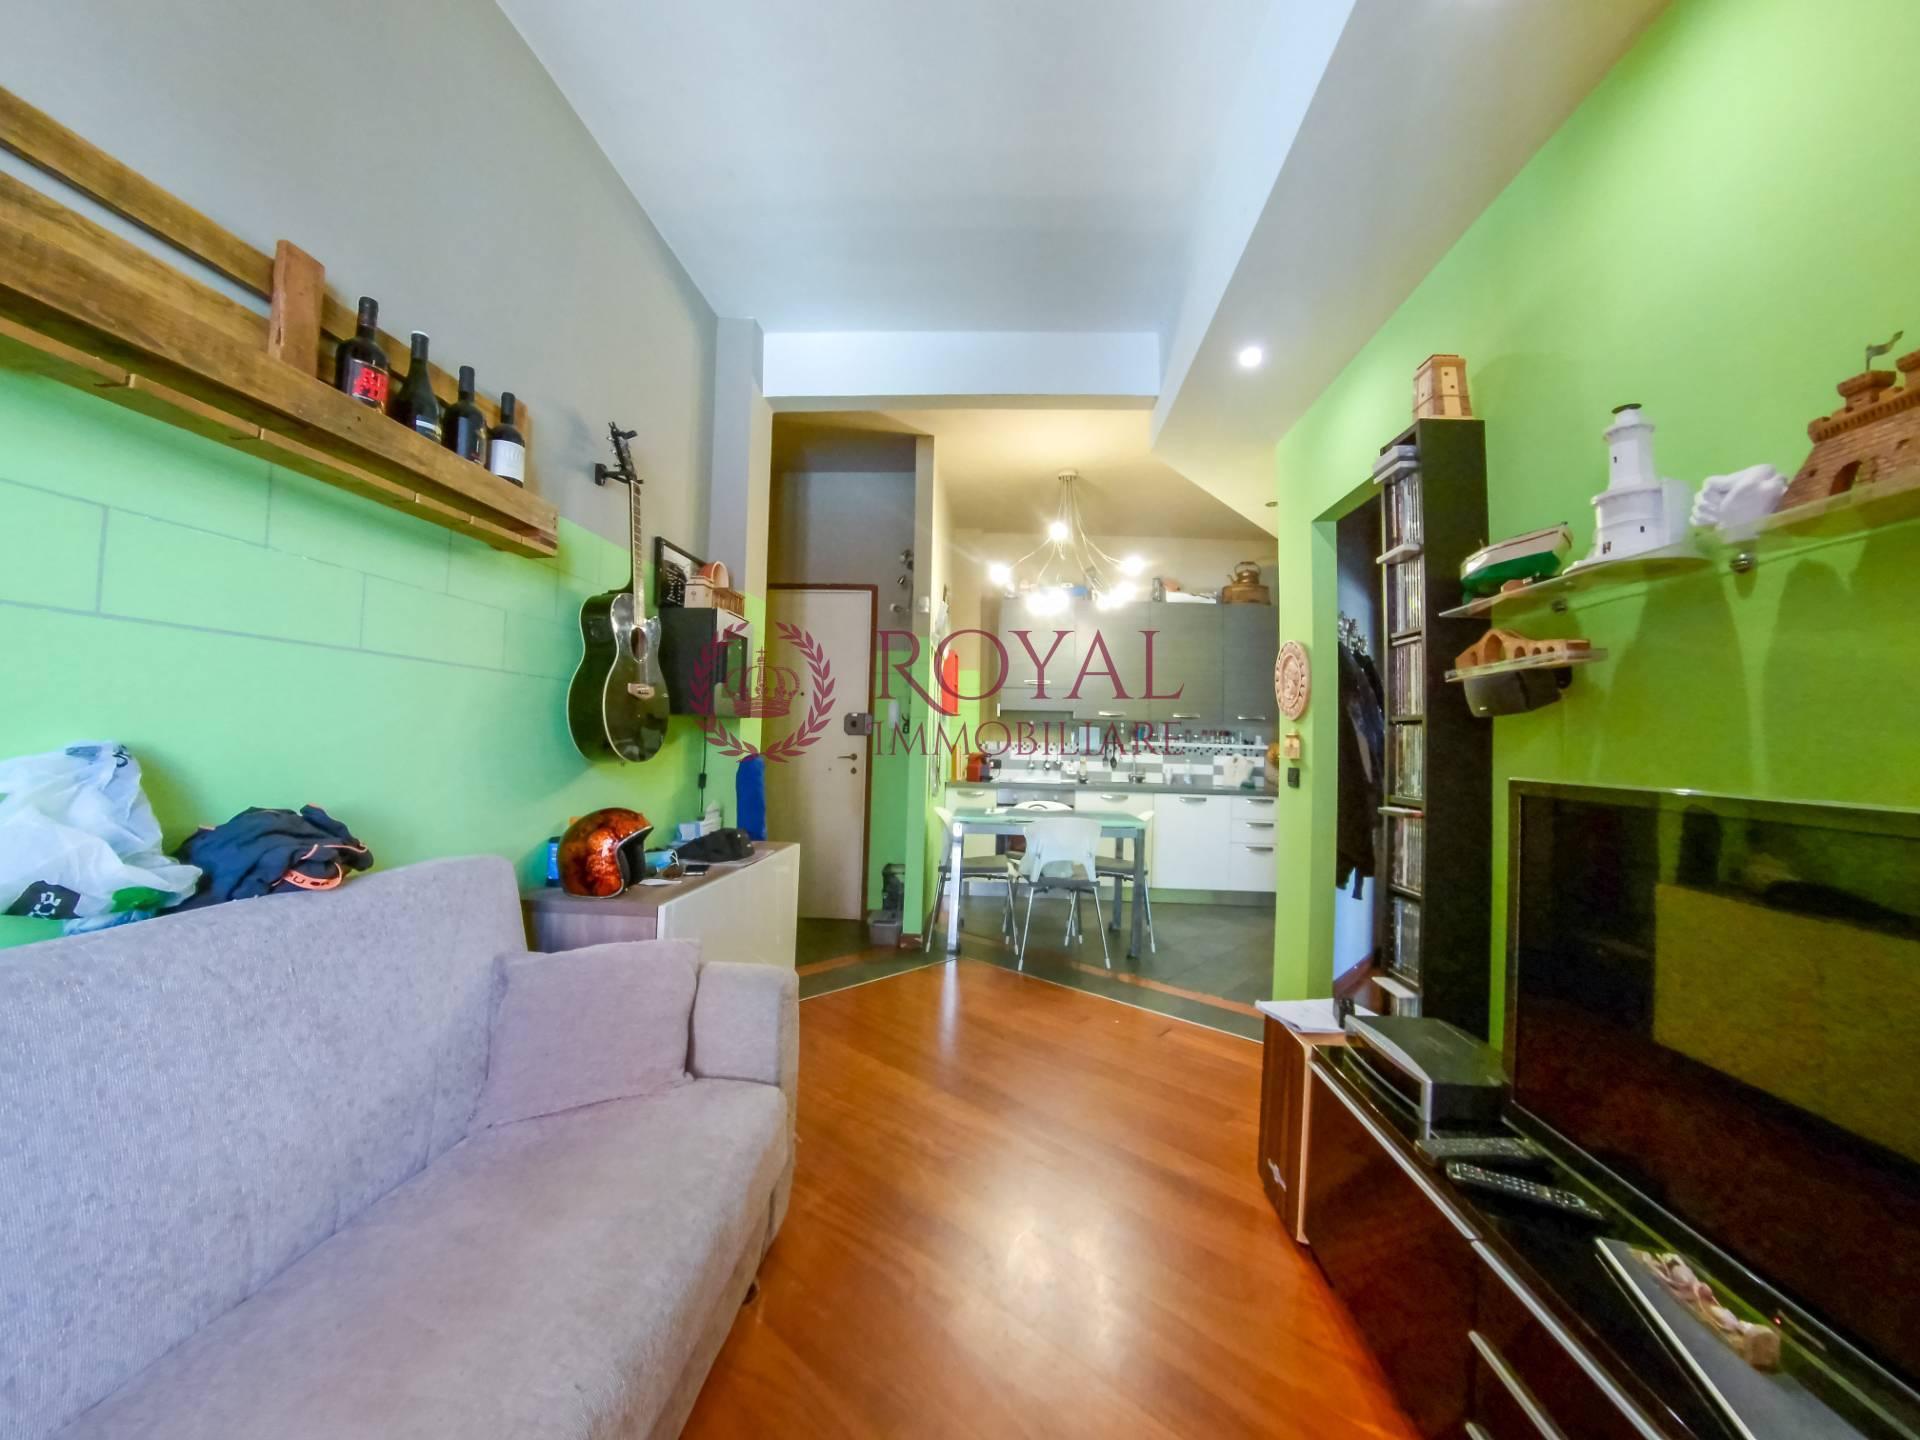 livorno vendita quart: colline royal-immobiliare-professional-s.a.s.